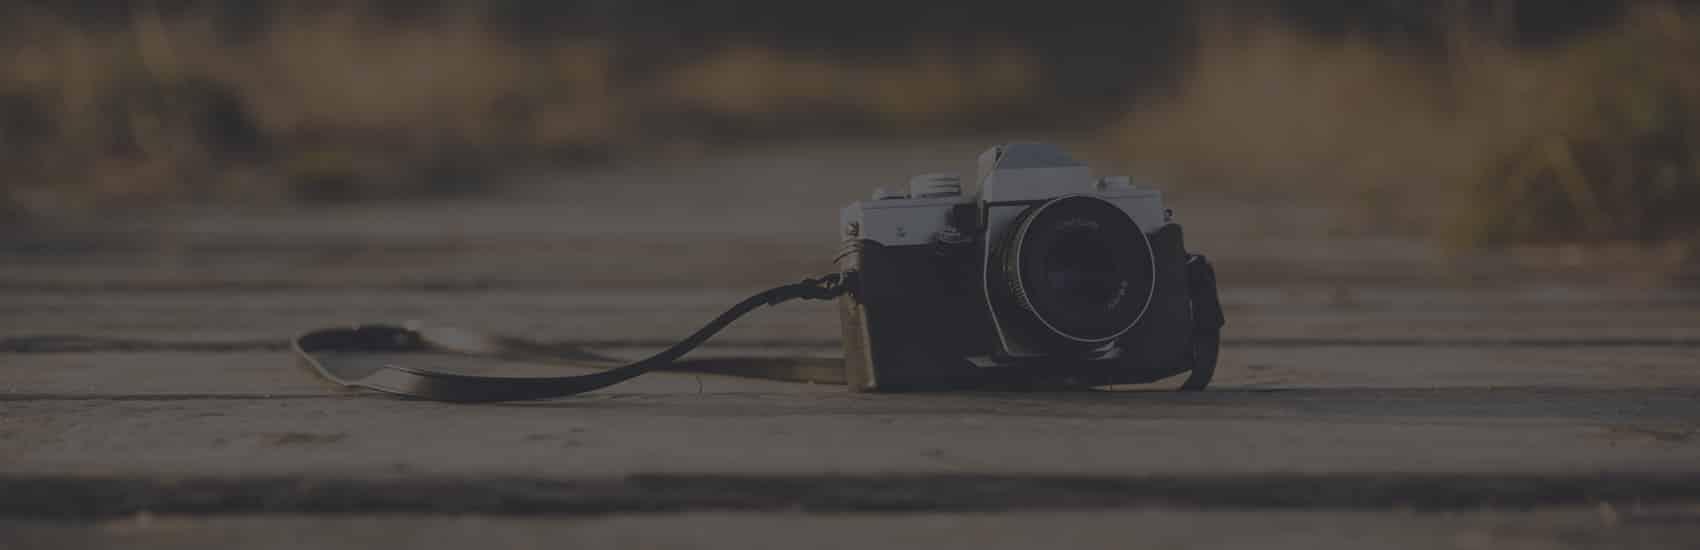 Concours de photographie : à vos appareils !